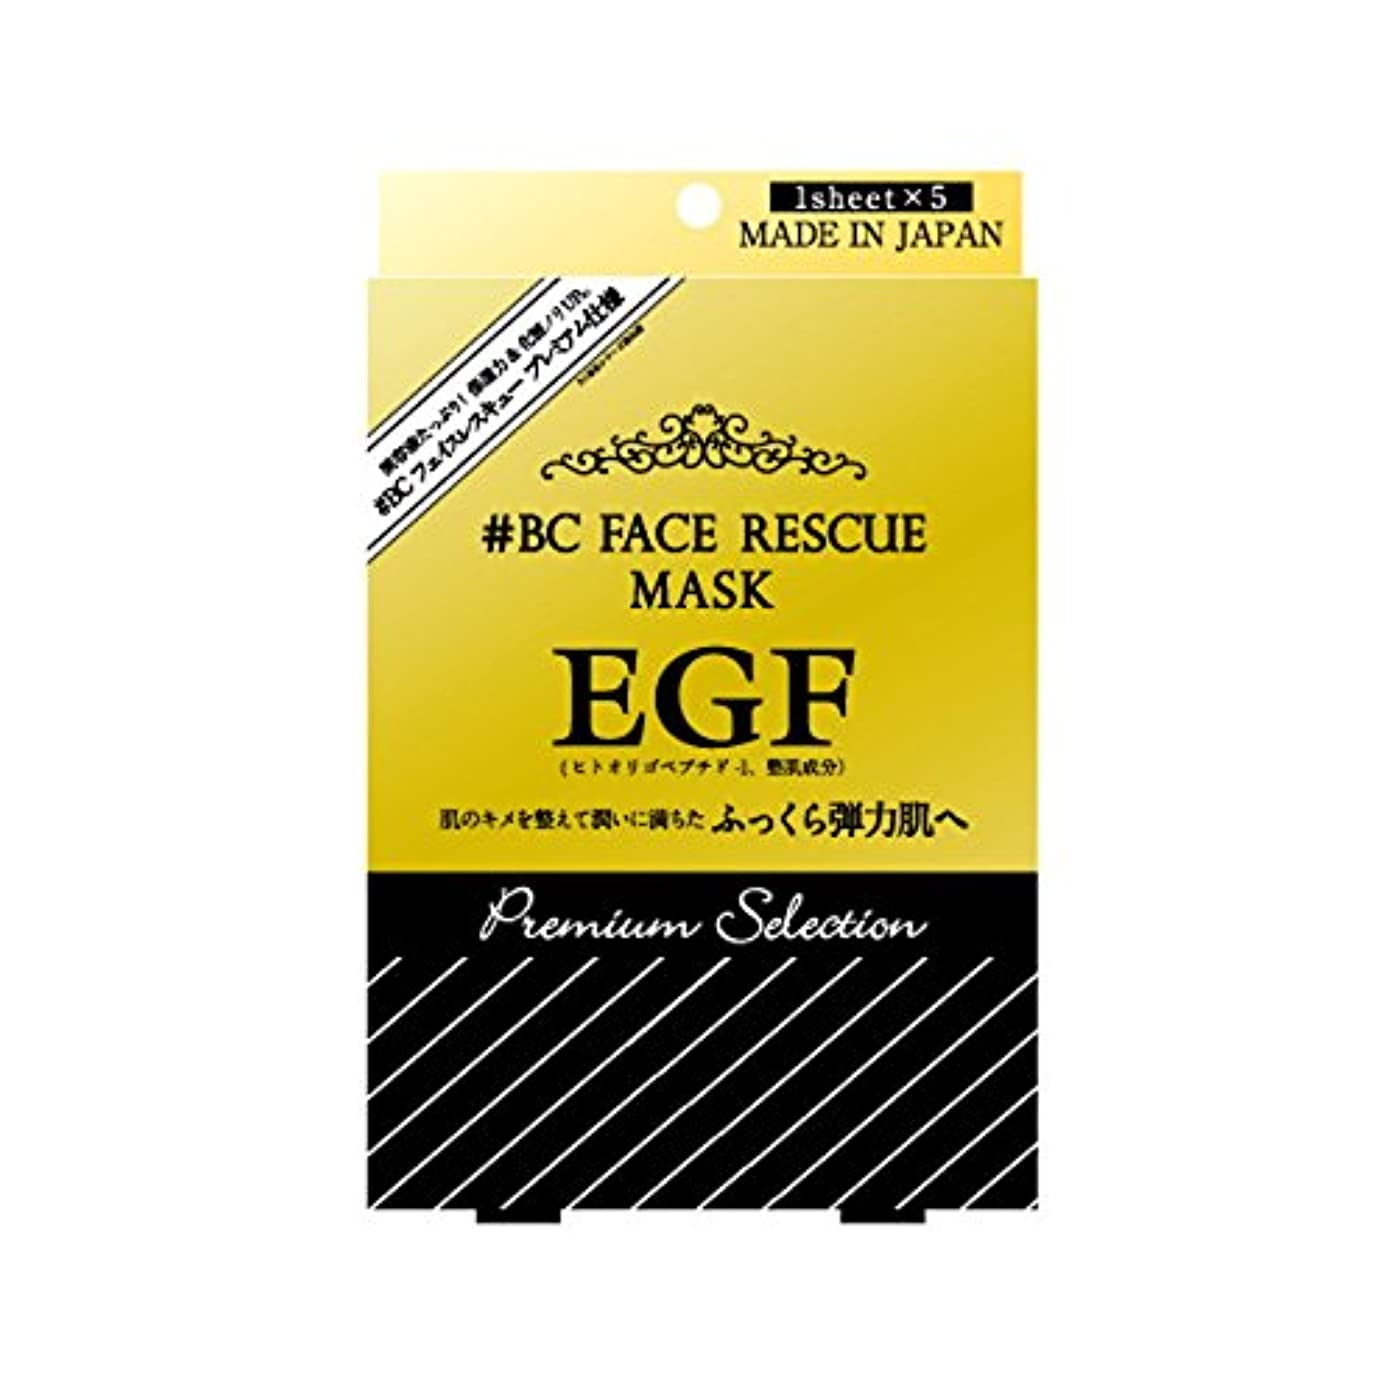 にもかかわらず知的巡礼者EGF フェイスレスキューマスク PS 1箱(25ml×5枚)